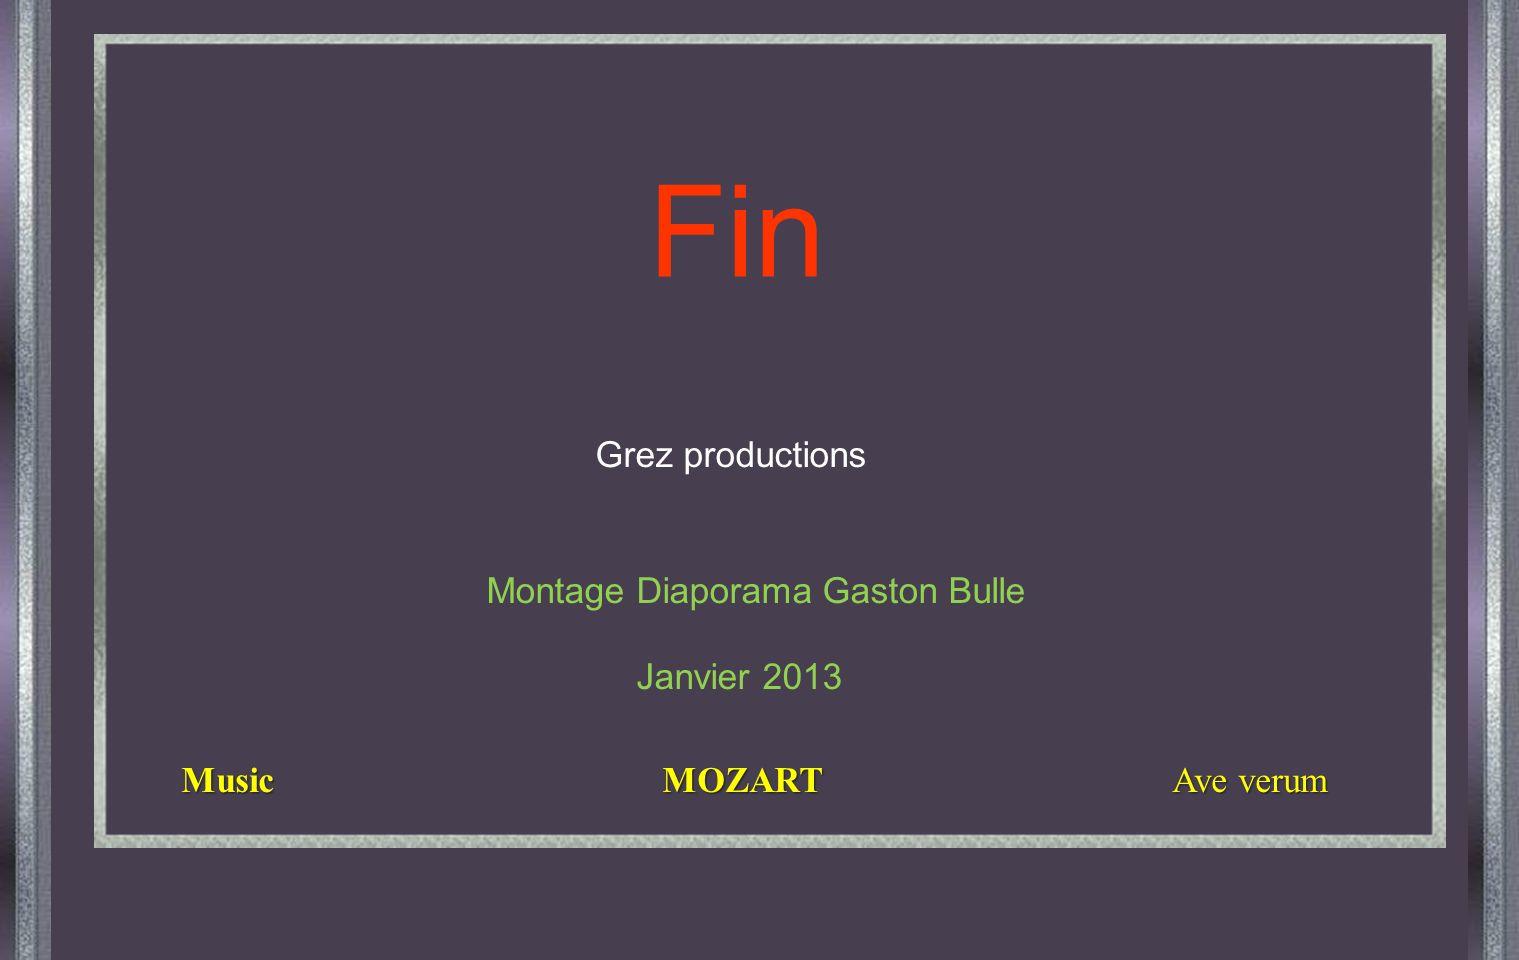 Fin Grez productions Montage Diaporama Gaston Bulle Janvier 2013